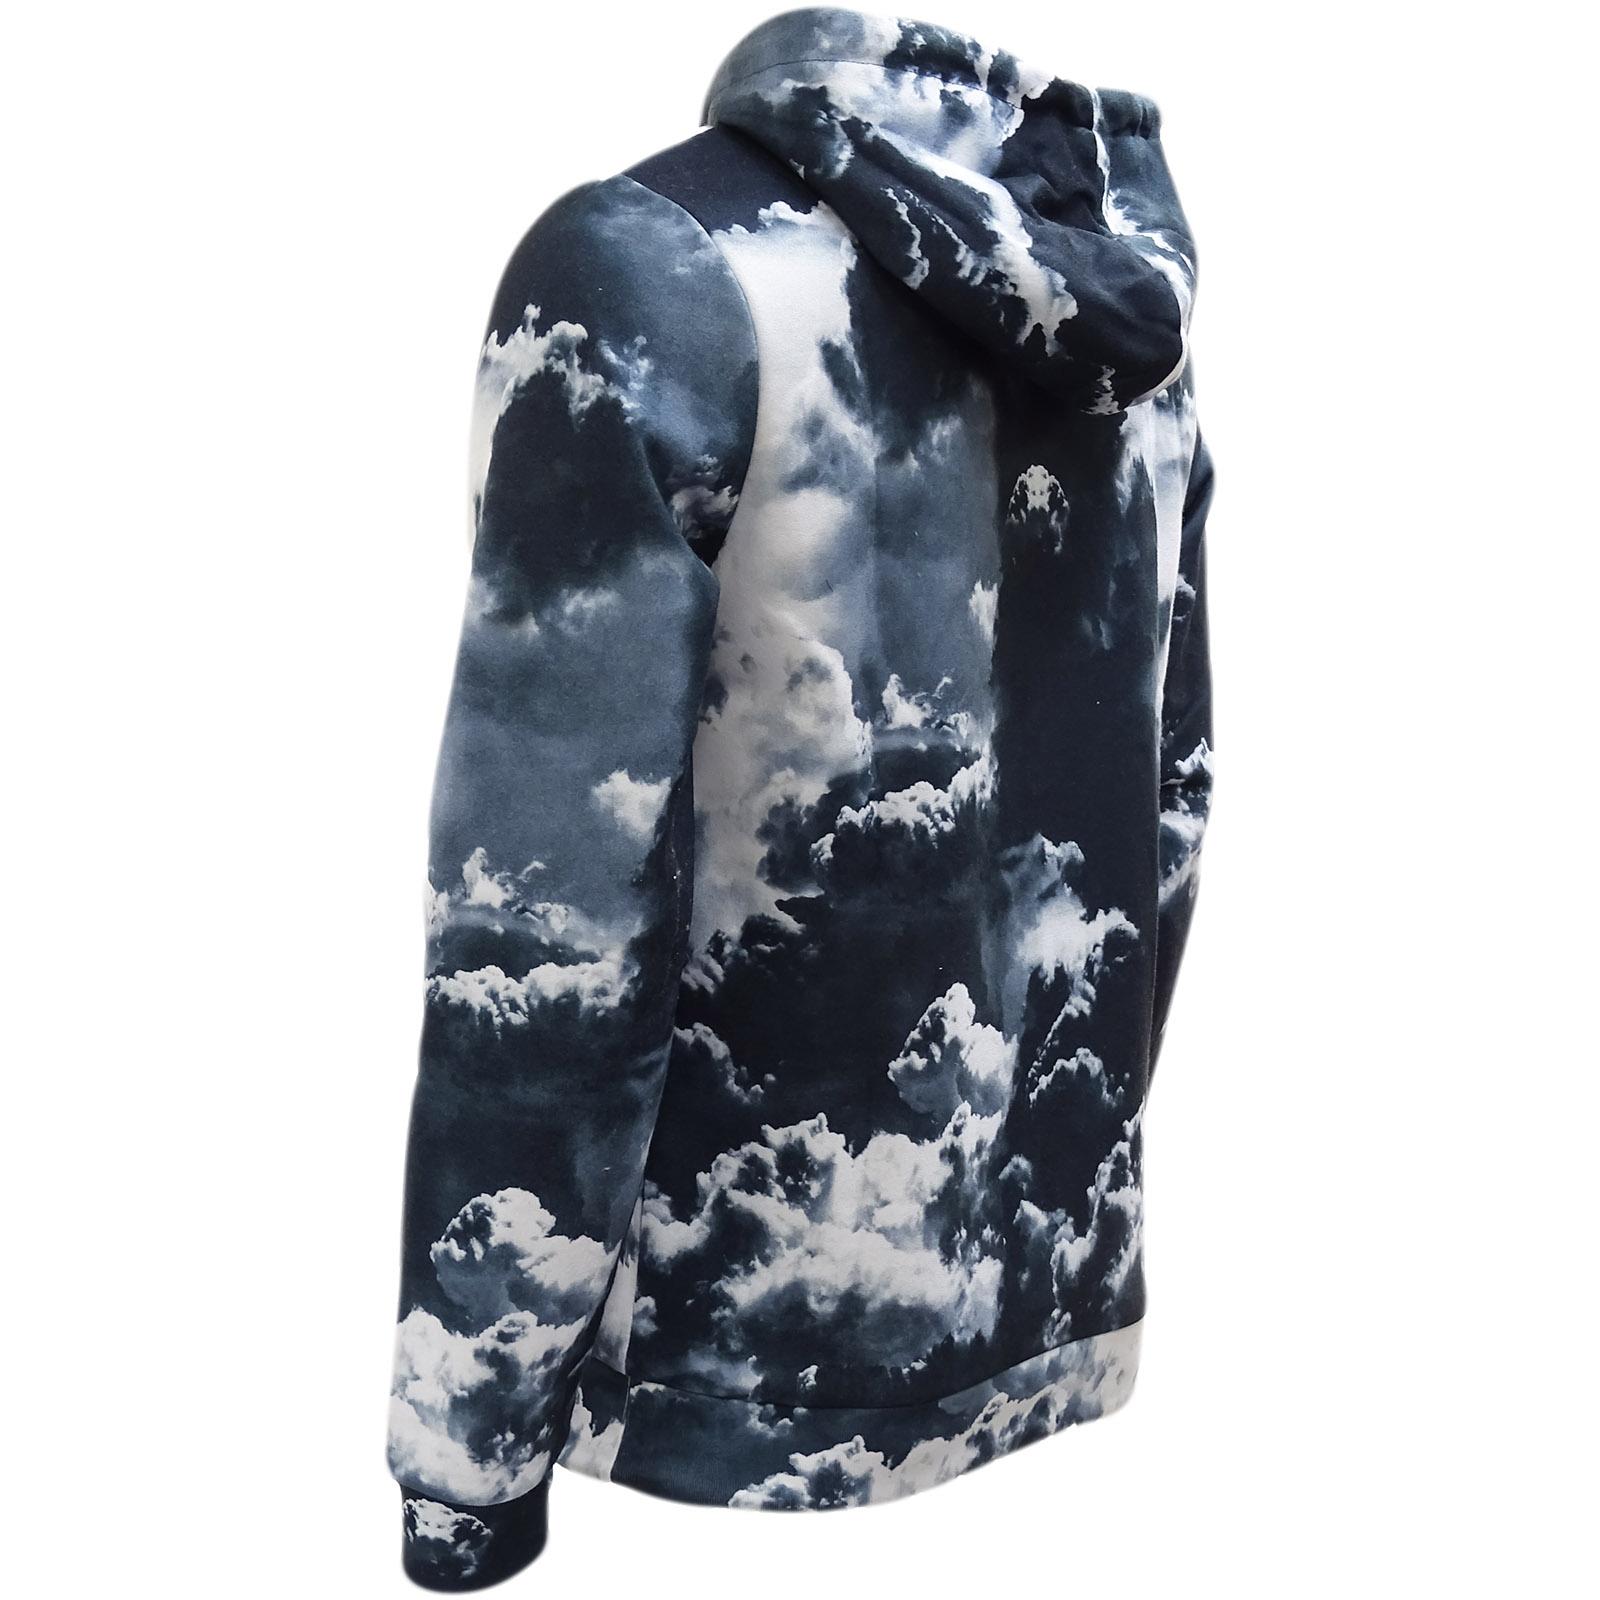 Hype Sweatshirt Jumper